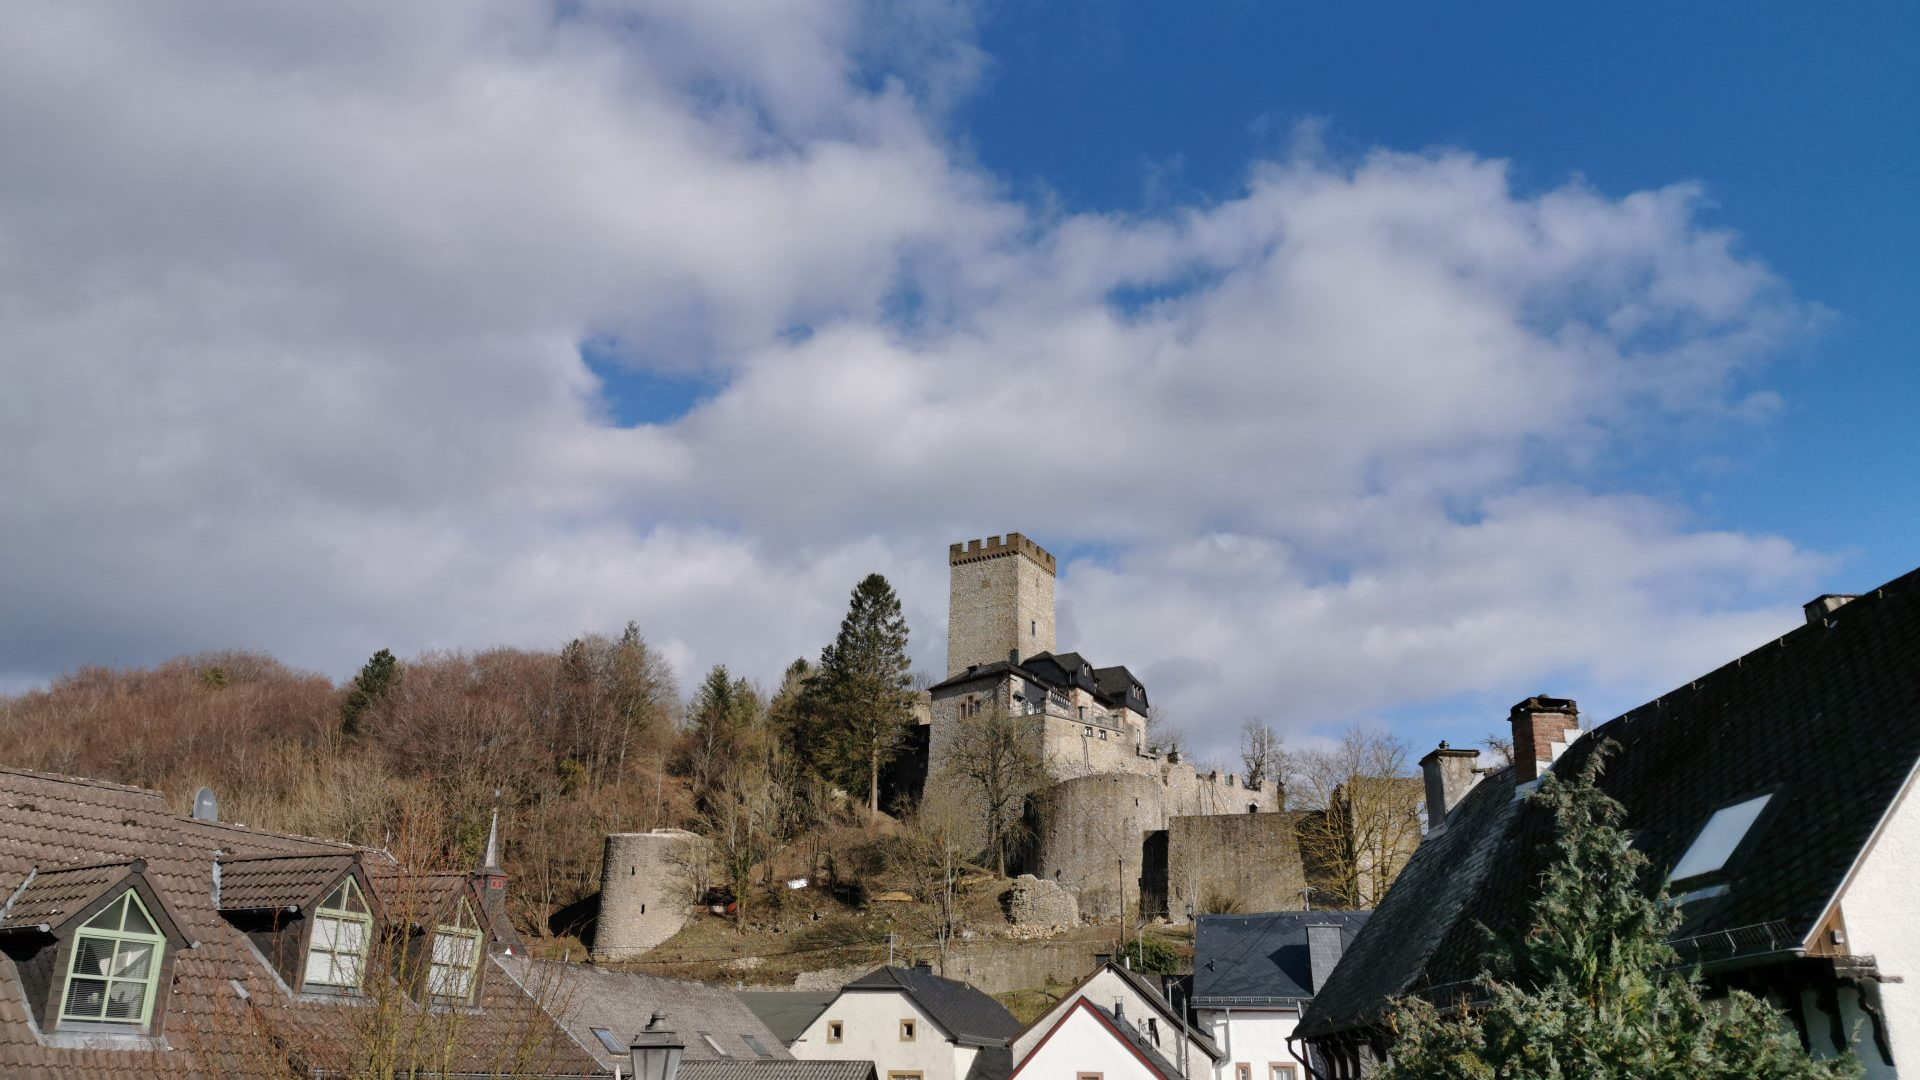 Ferienhaus Landhaus-Loogh-Umgebung Kerpen mit Burg